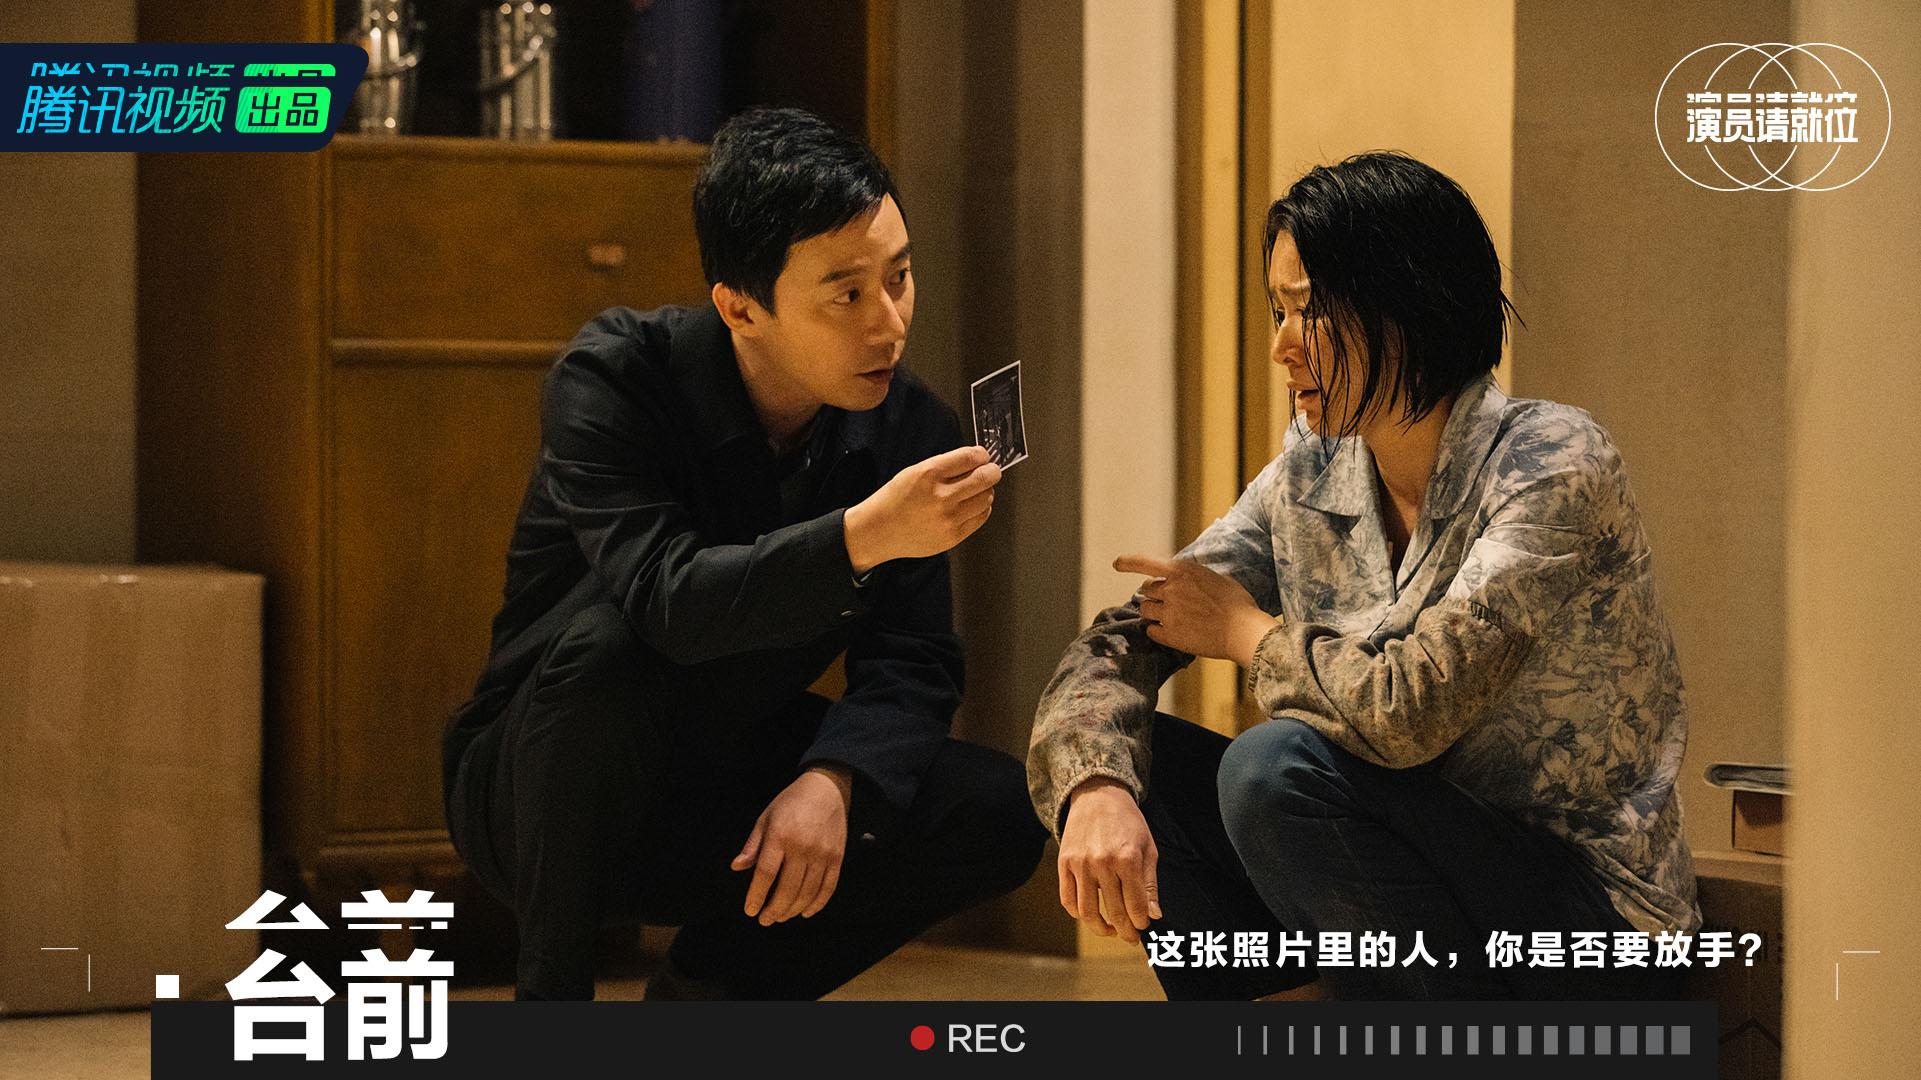 胡杏儿挑战赵薇经典作品《亲爱的》.jpg